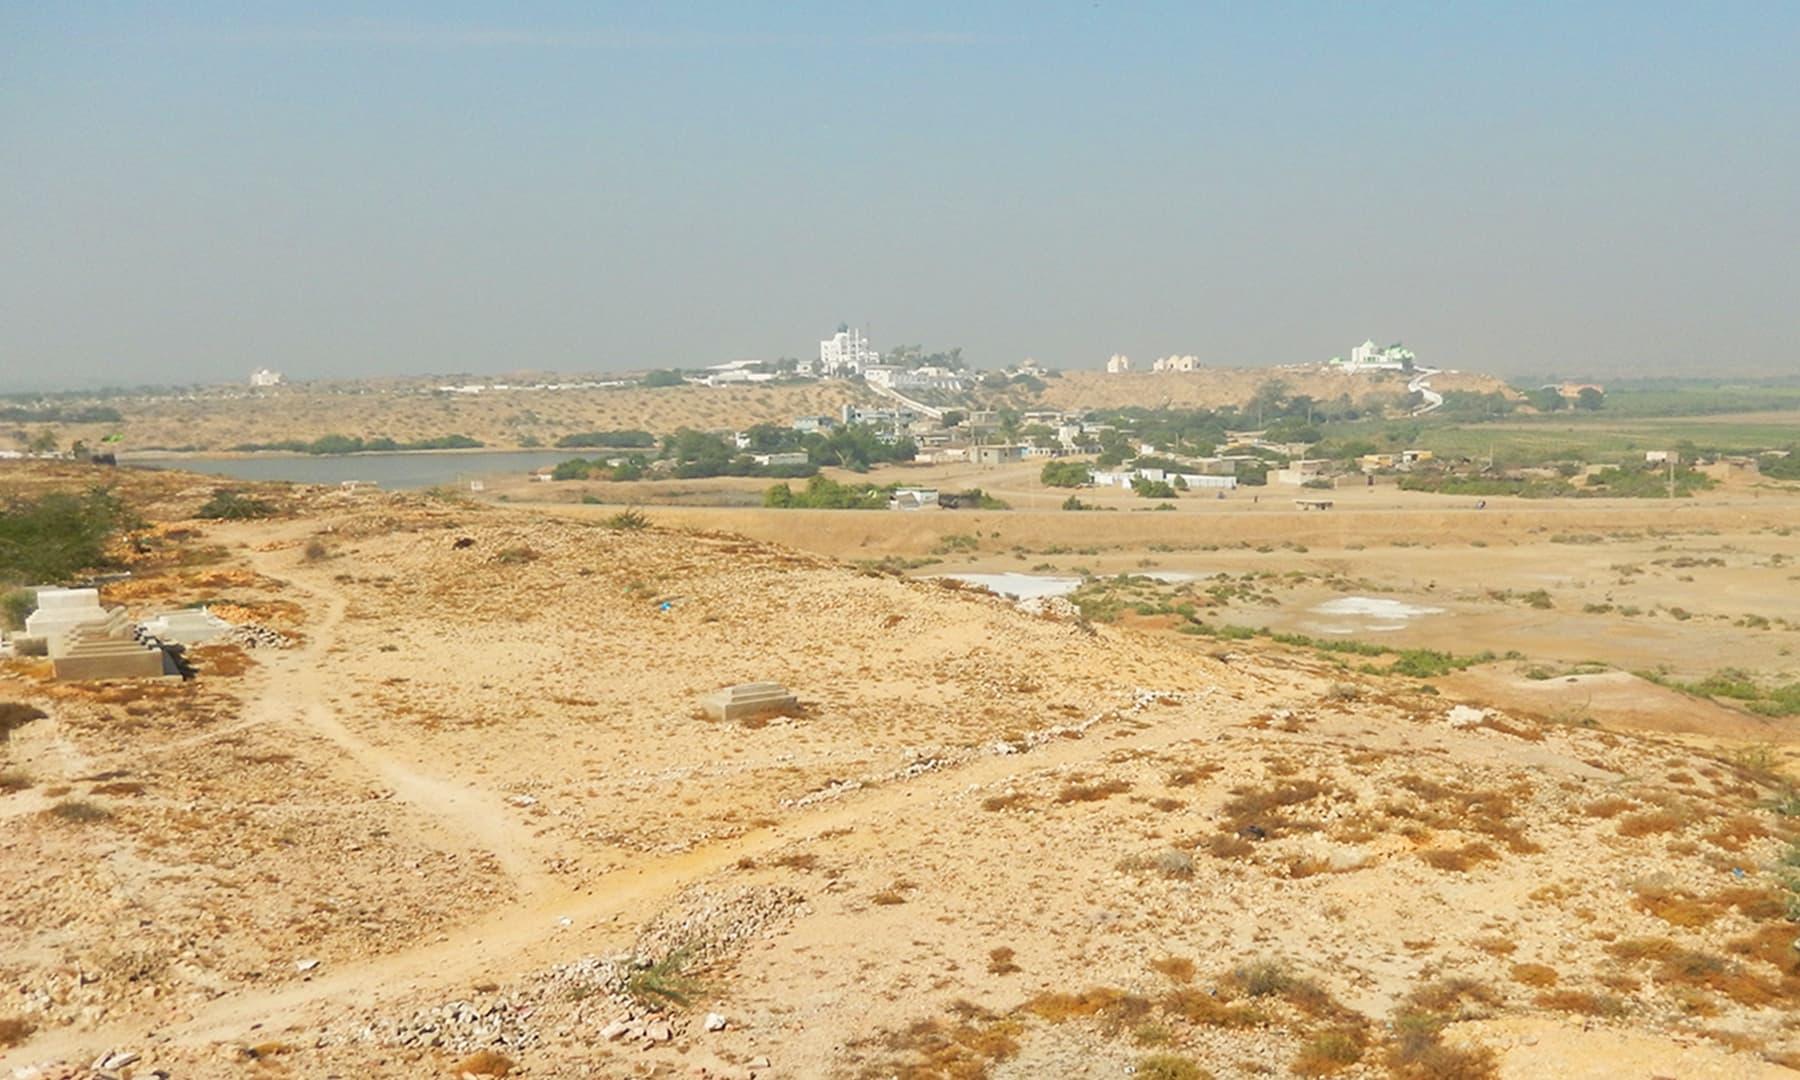 روشنی مینار سے وادی کا نظارہ — تصویر ابوبکر شیخ